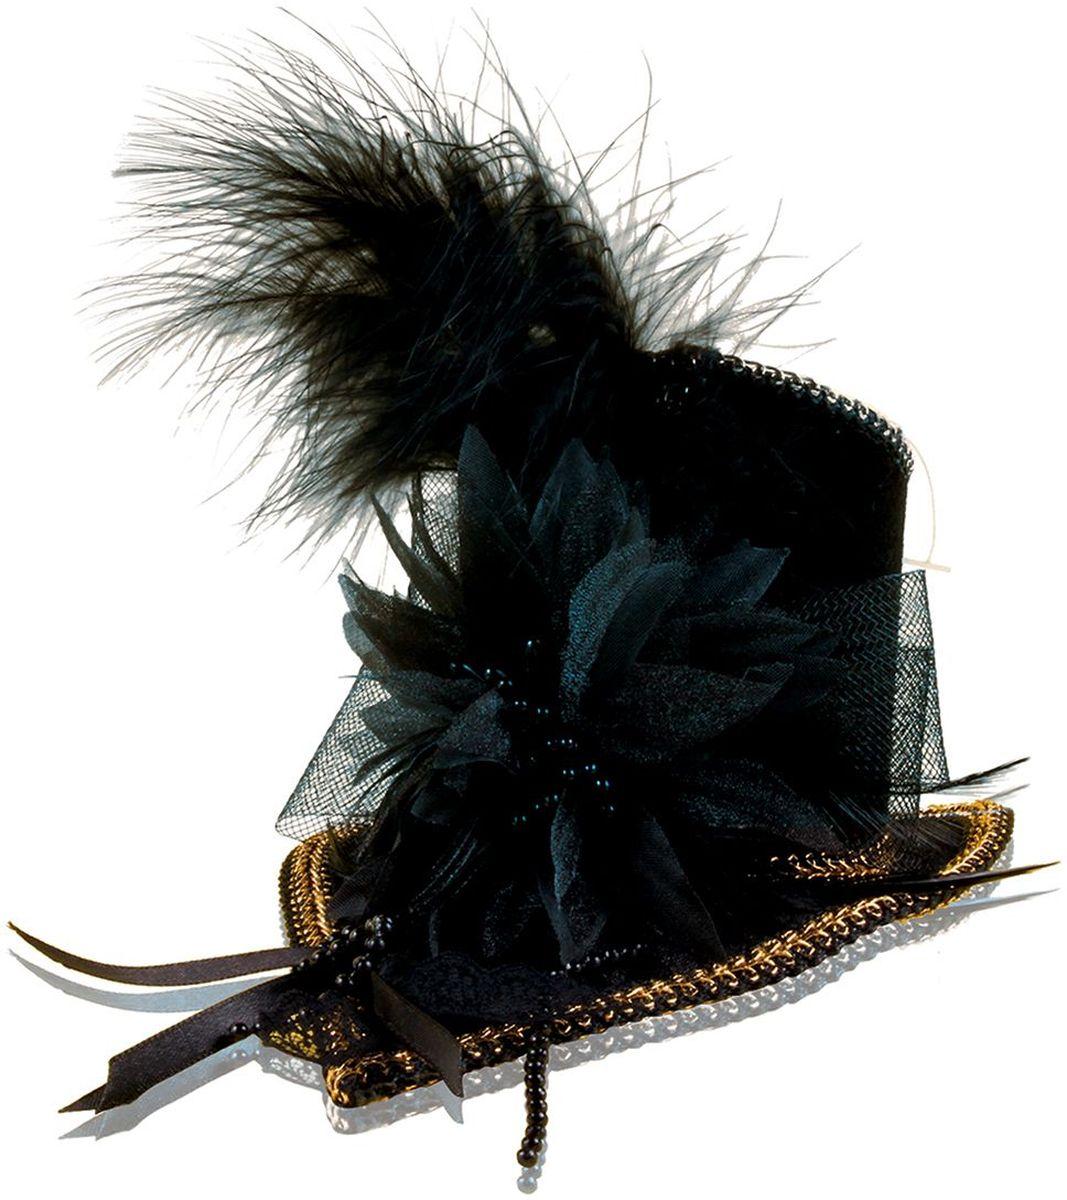 Partymania Шляпка-таблетка Винтаж T1208 цвет чернаяT1208_чернаяИзящная шляпка придаст изысканности Вашему карнавальному или вечернему костюму. Аксессуар, выполненный в винтажном стиле, создаст великолепный образ в стиле 30-х годов. Удобная и совсем незаметная заколка поможет без труда закрепить шляпку на волосах. Добавьте шарма своему наряду! Три разных дизайна шляпки-таблетки поставляются под одним артикулом. Цвета изделий: черный, розовый и слоновая кость. Размер упаковки - 250х134х97 мм.